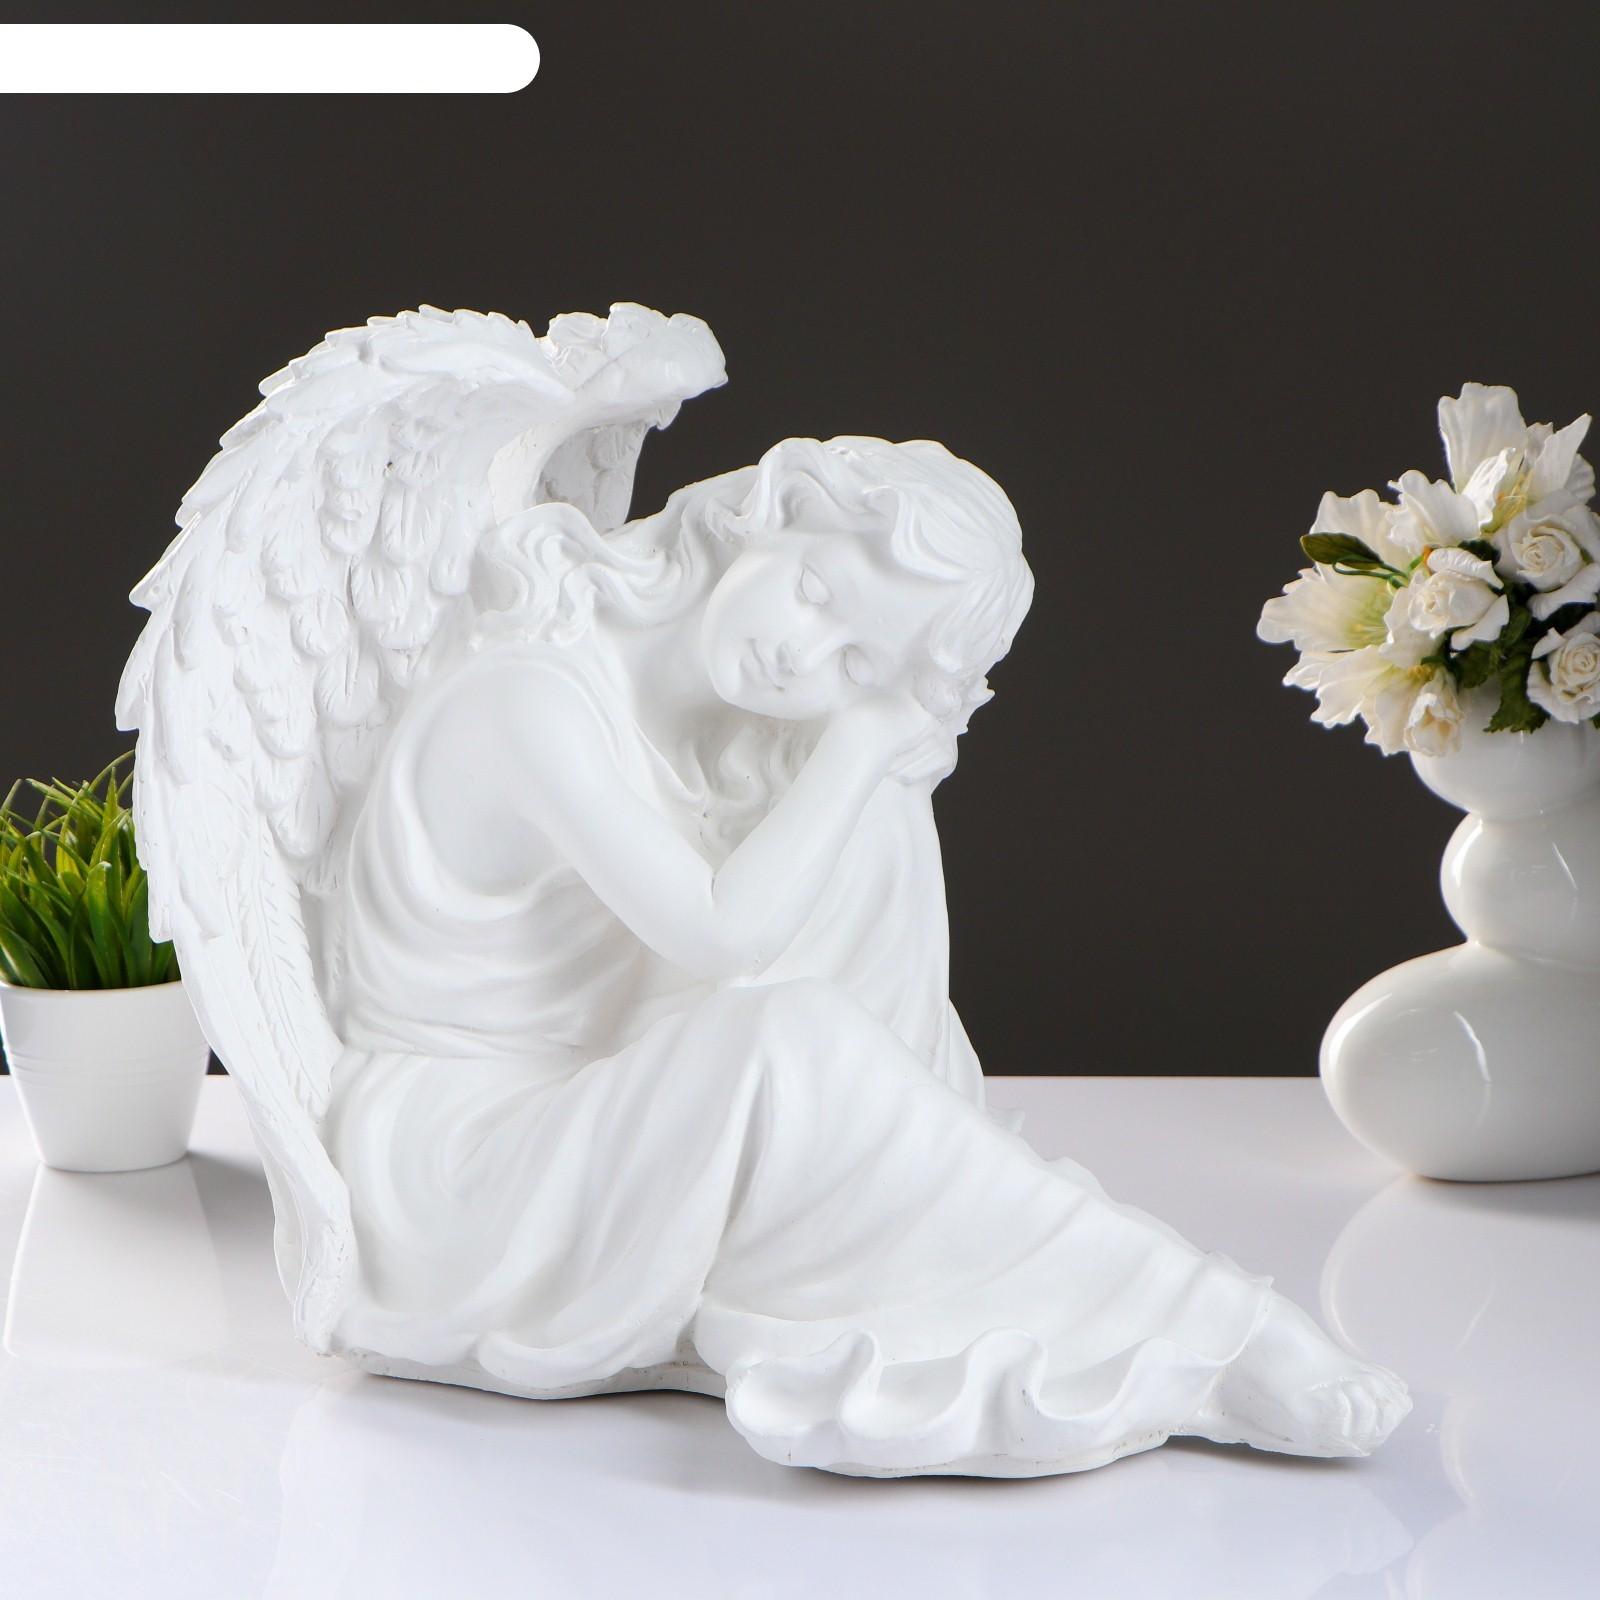 Статуэтка ангел девушка сидя большая белая